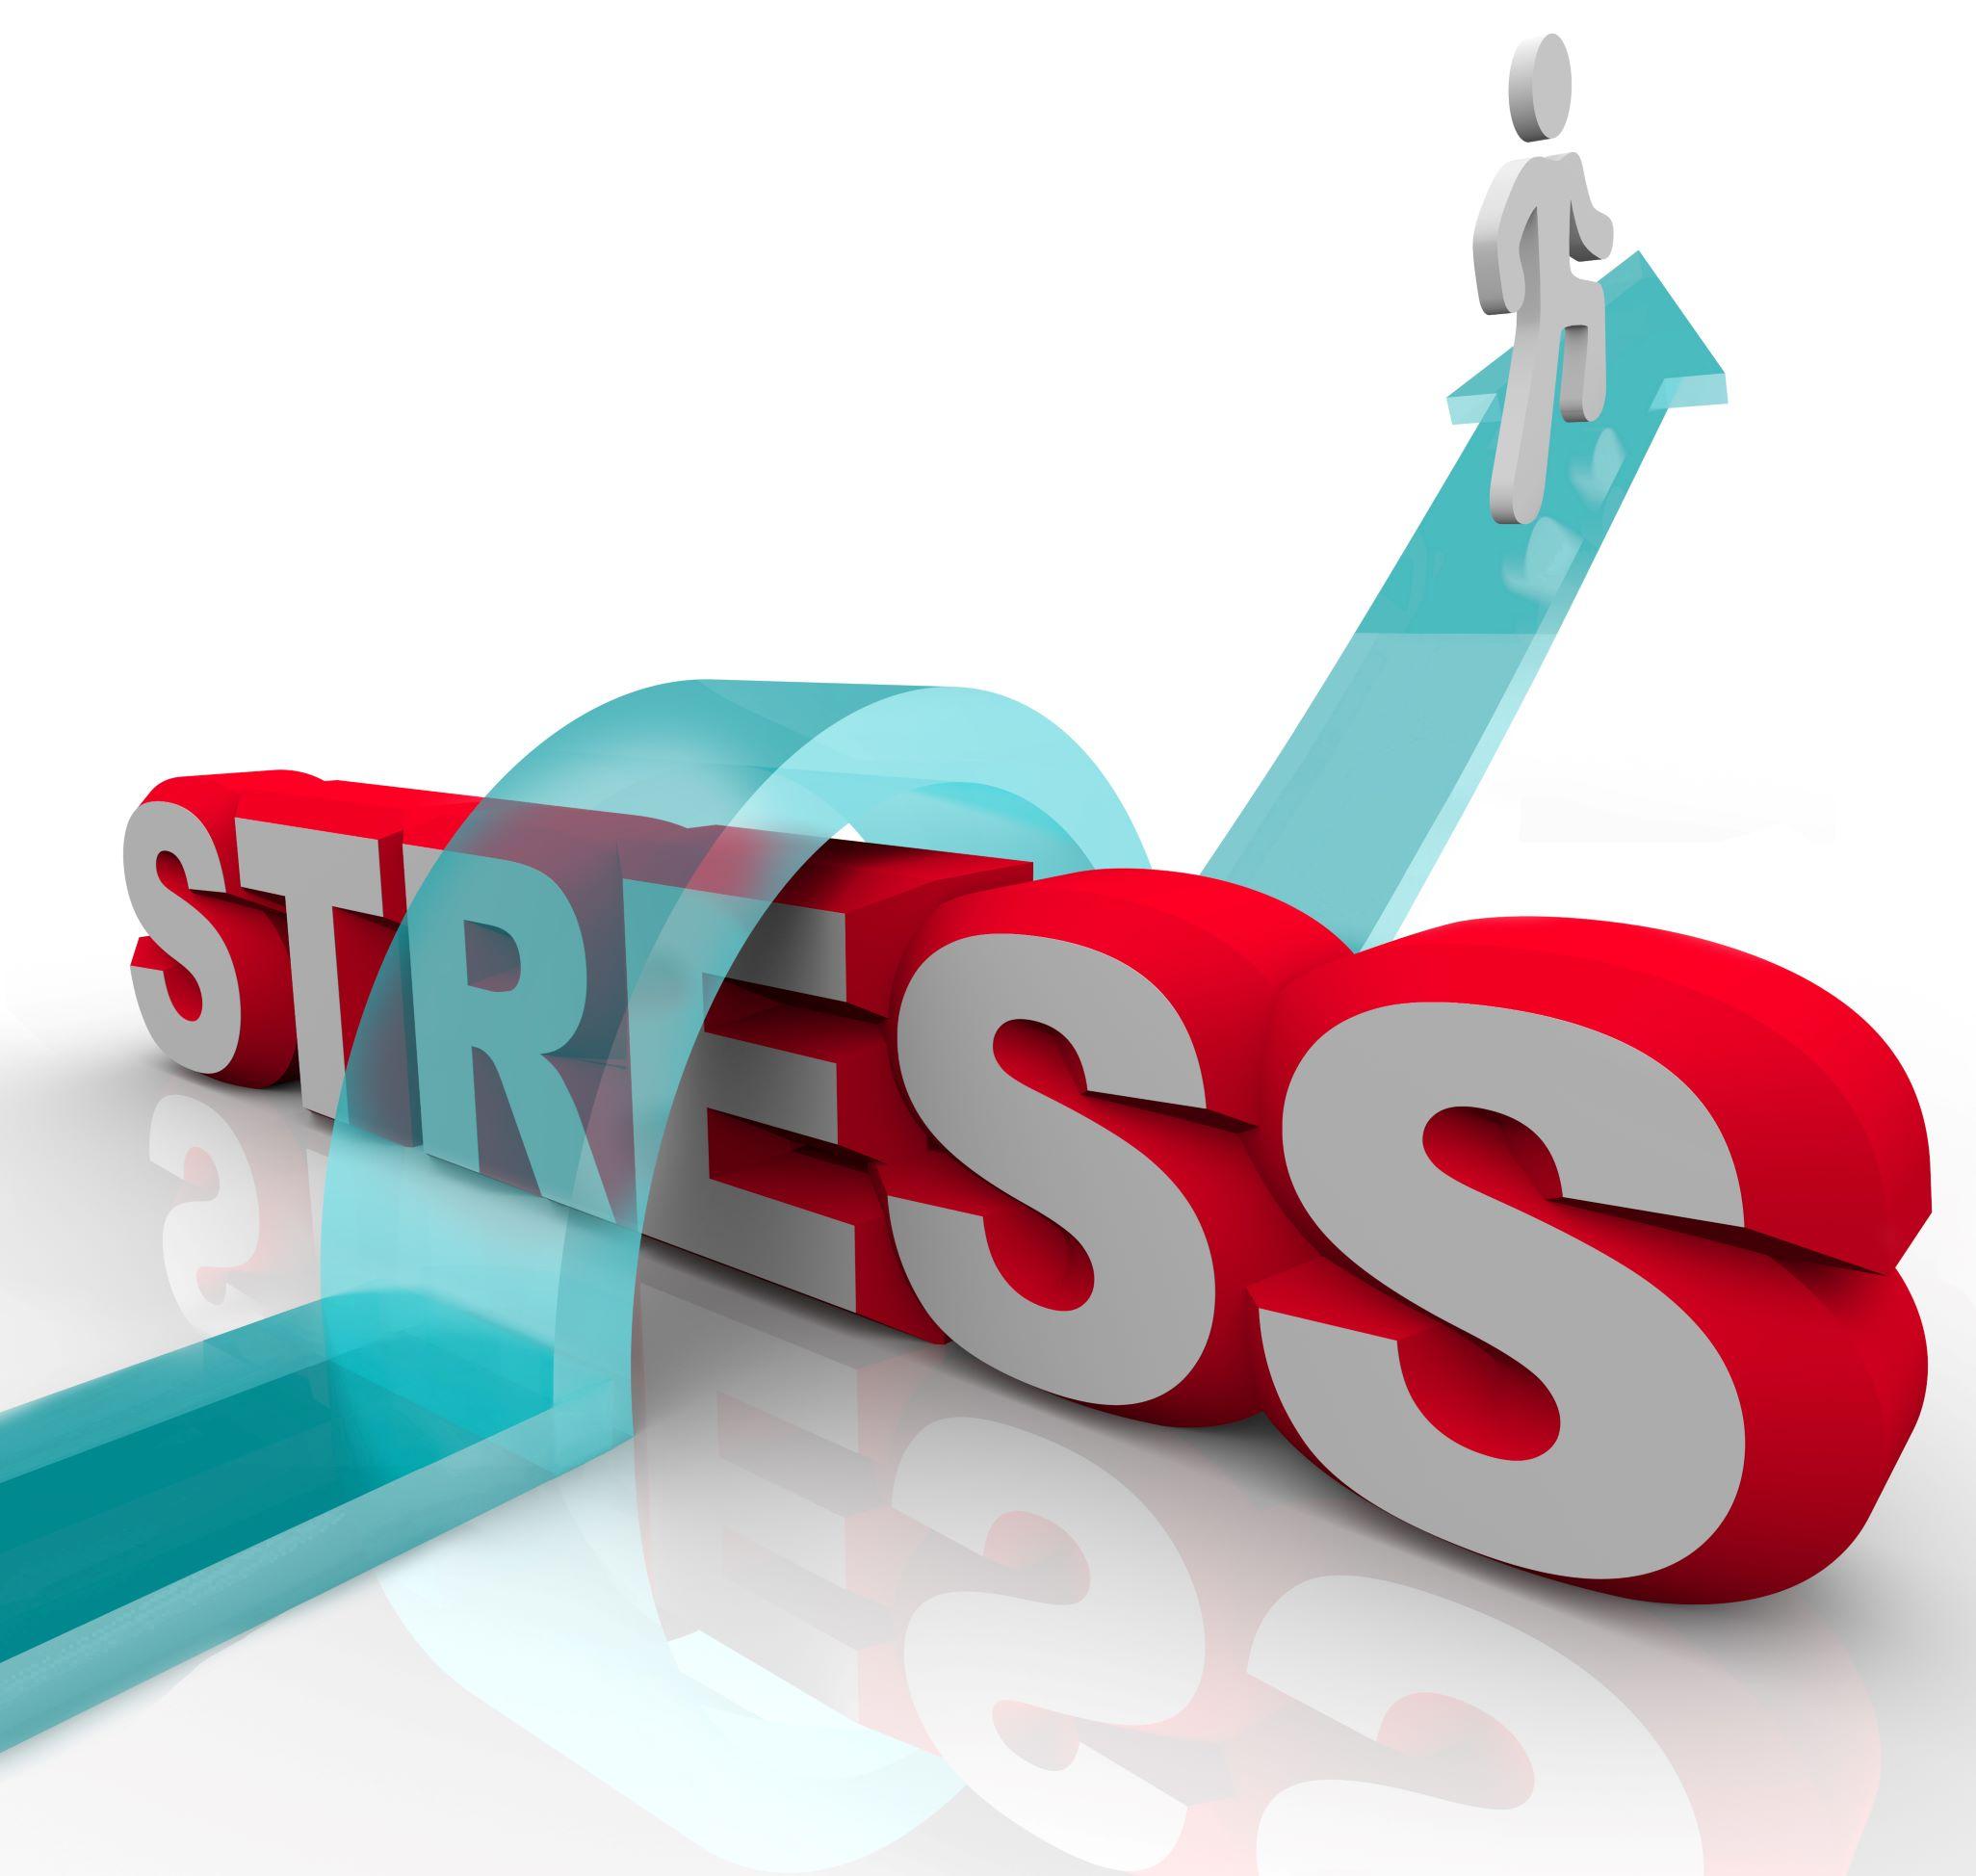 「ストレスのせいで…」というストレス犯人説の嘘